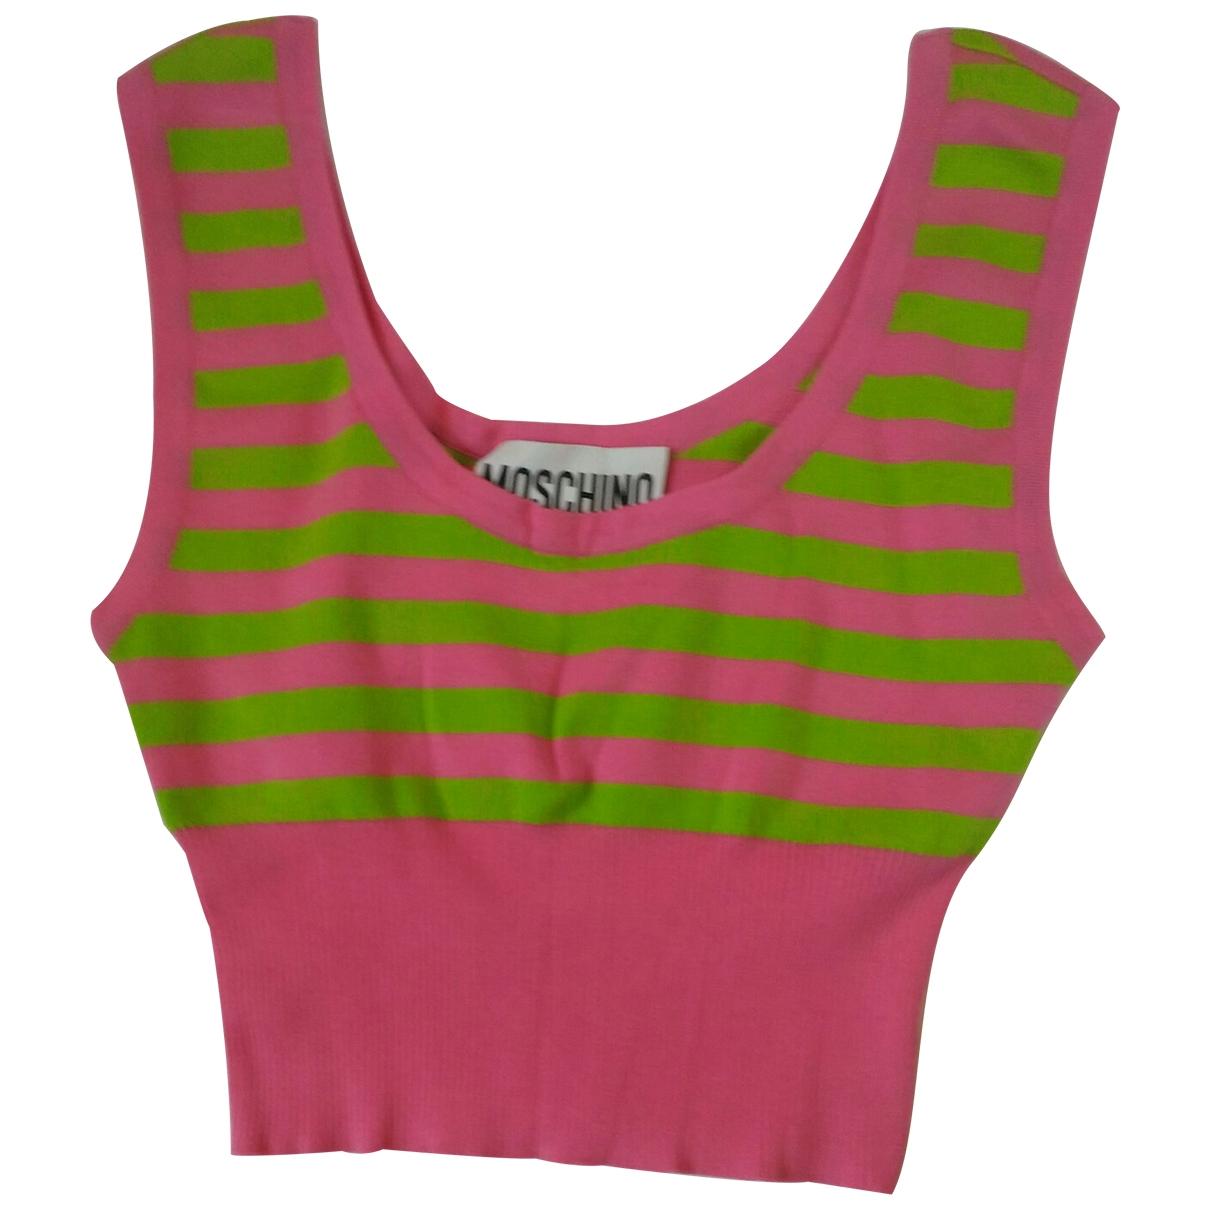 Moschino - Top   pour femme en coton - rose